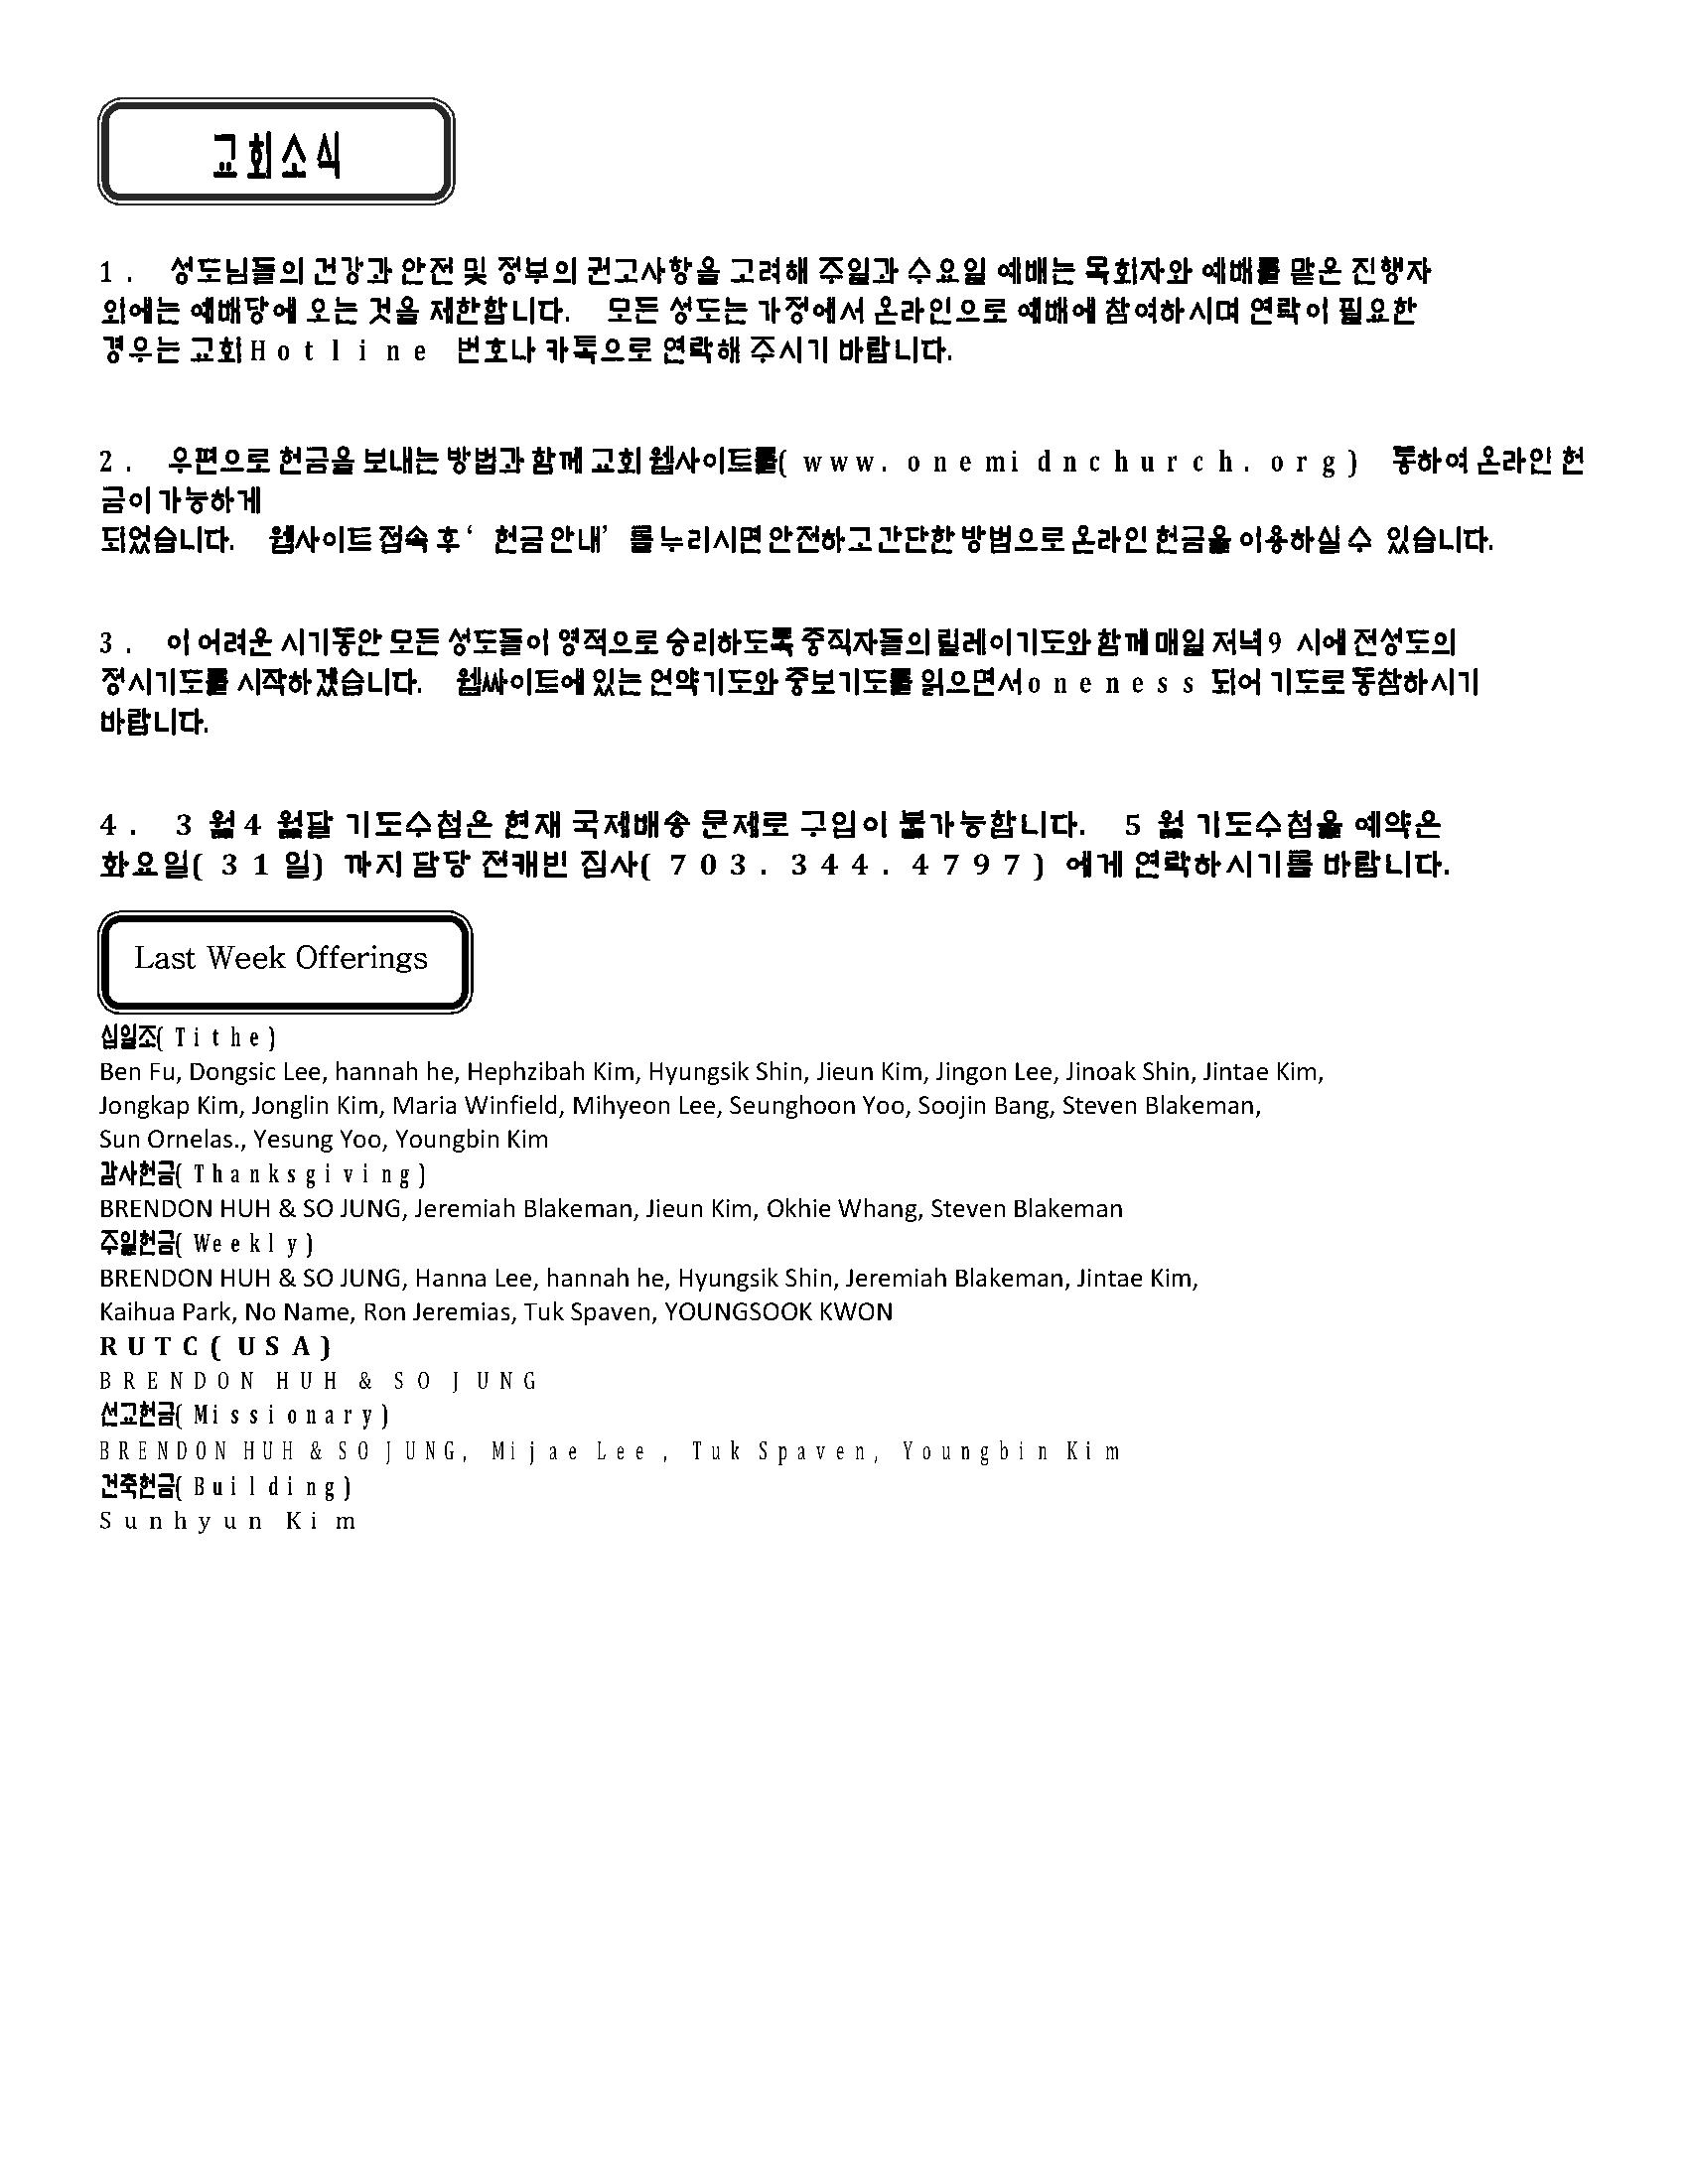 35196023-2b10-445c-840b-5e6acb6f4e68.docx-0001